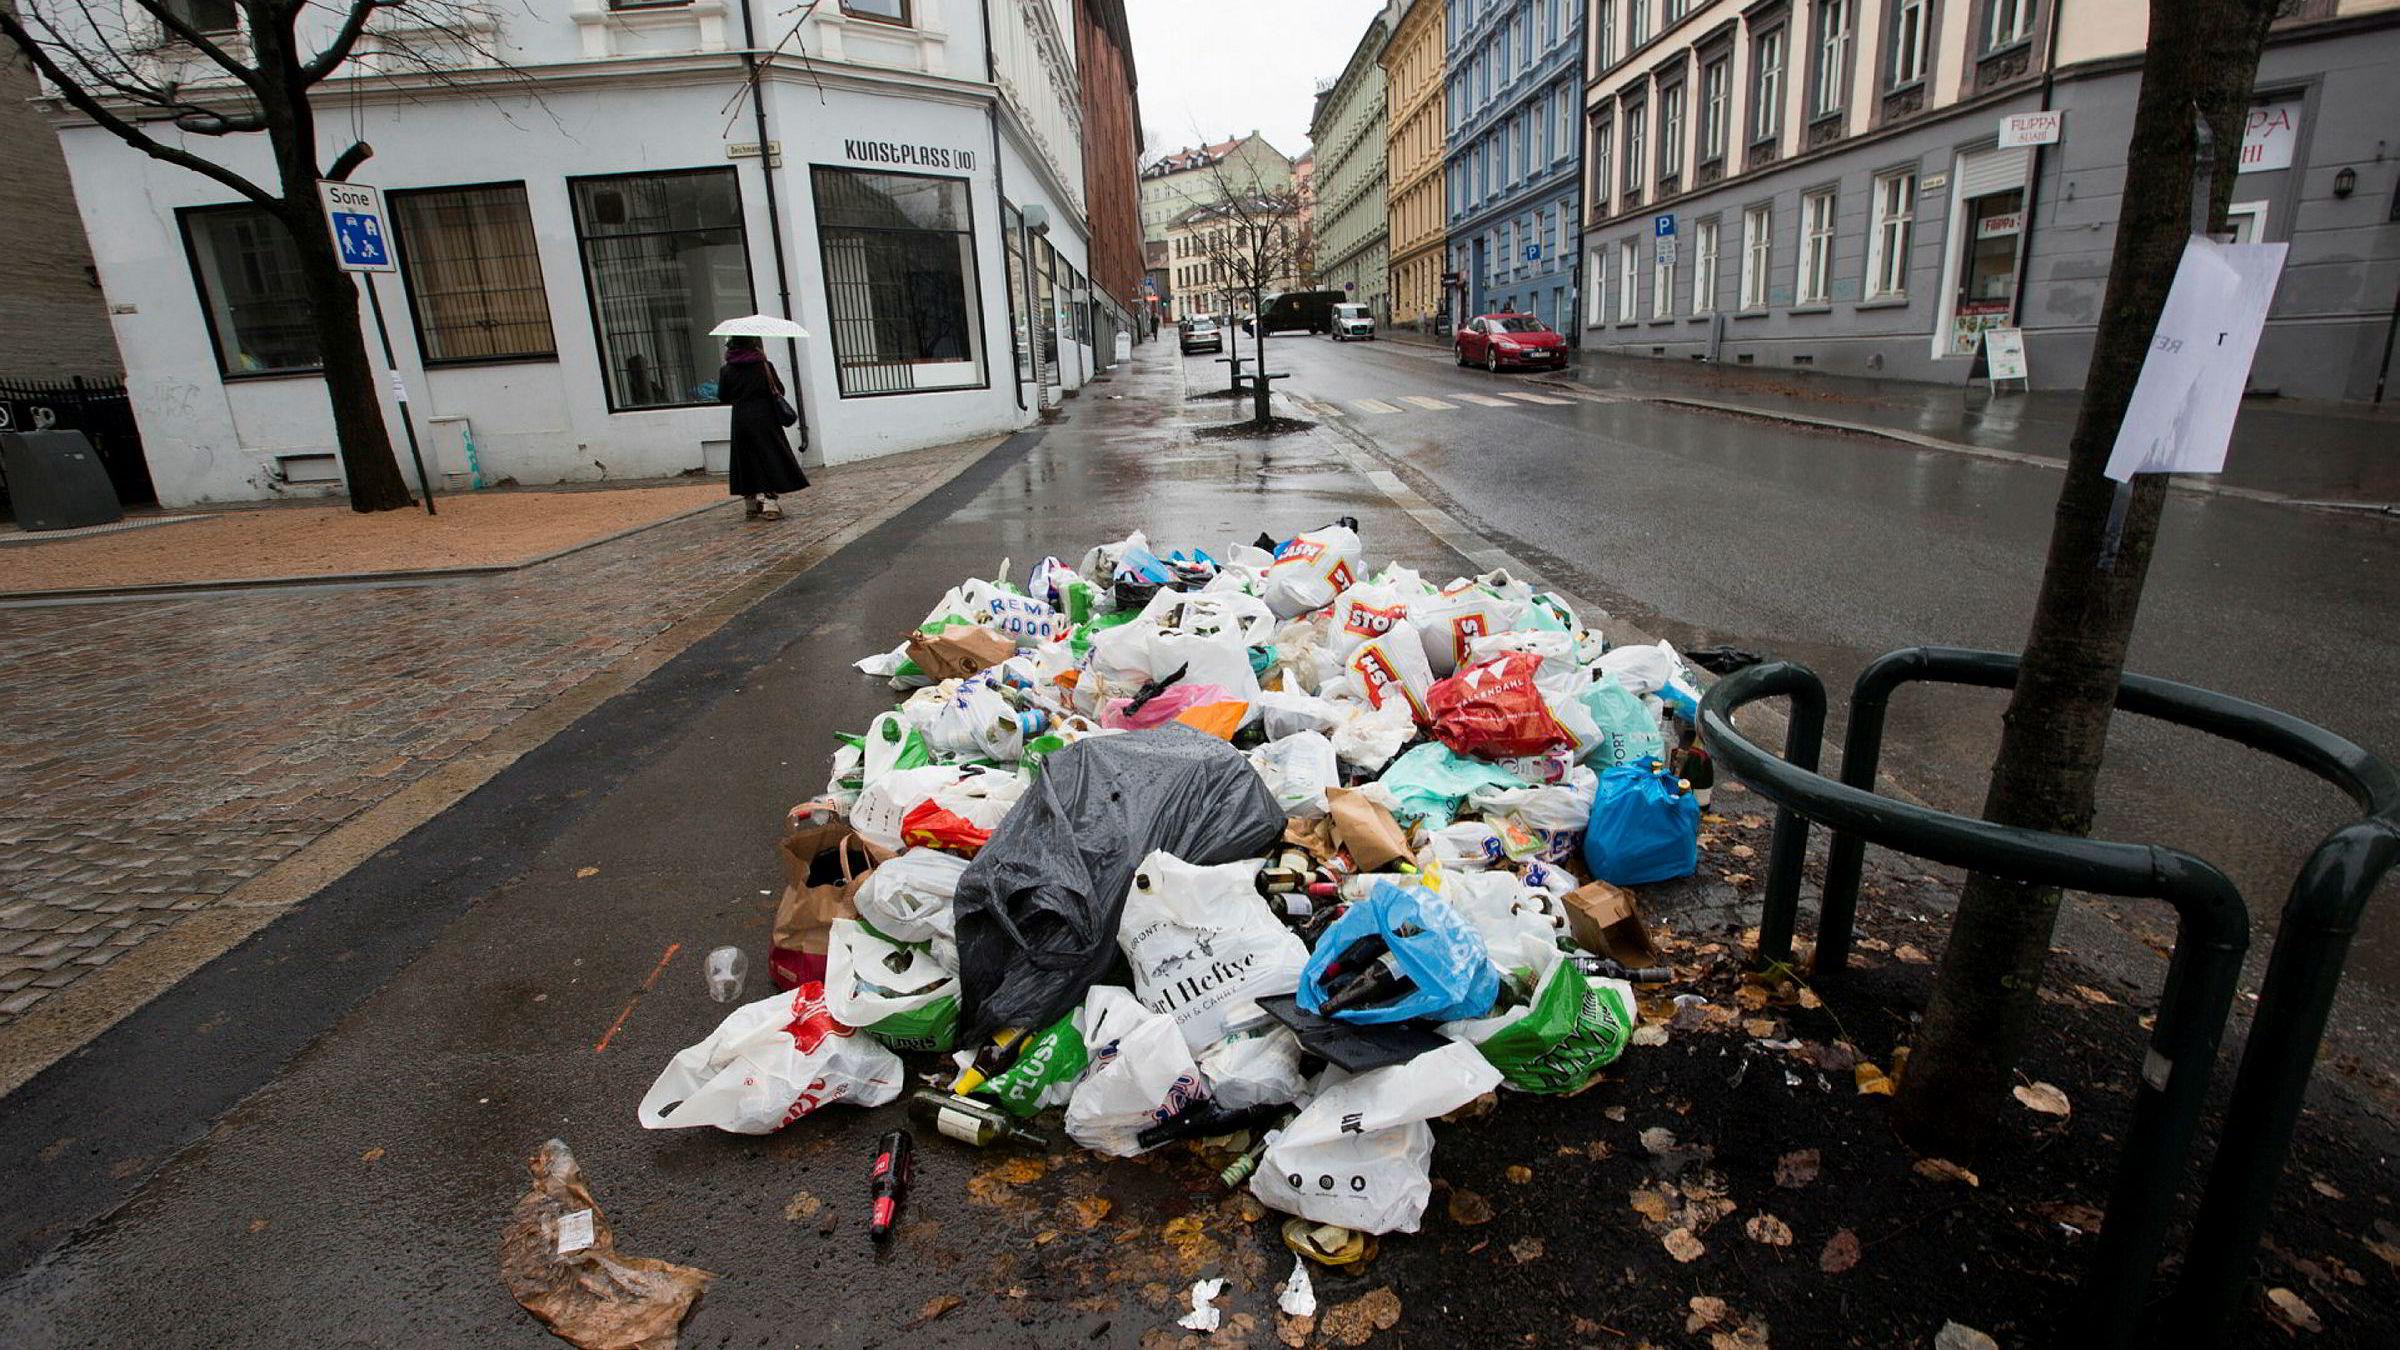 Det er enklere å la private aktører hente avfall, kjøre tog og bygge veier enn å bruke dem til å vurdere barn, syke og eldres omsorgsbehov, skriver Gøril Bjerkan. Veireno slet med søppelhåndteringen i Oslo i 2016.